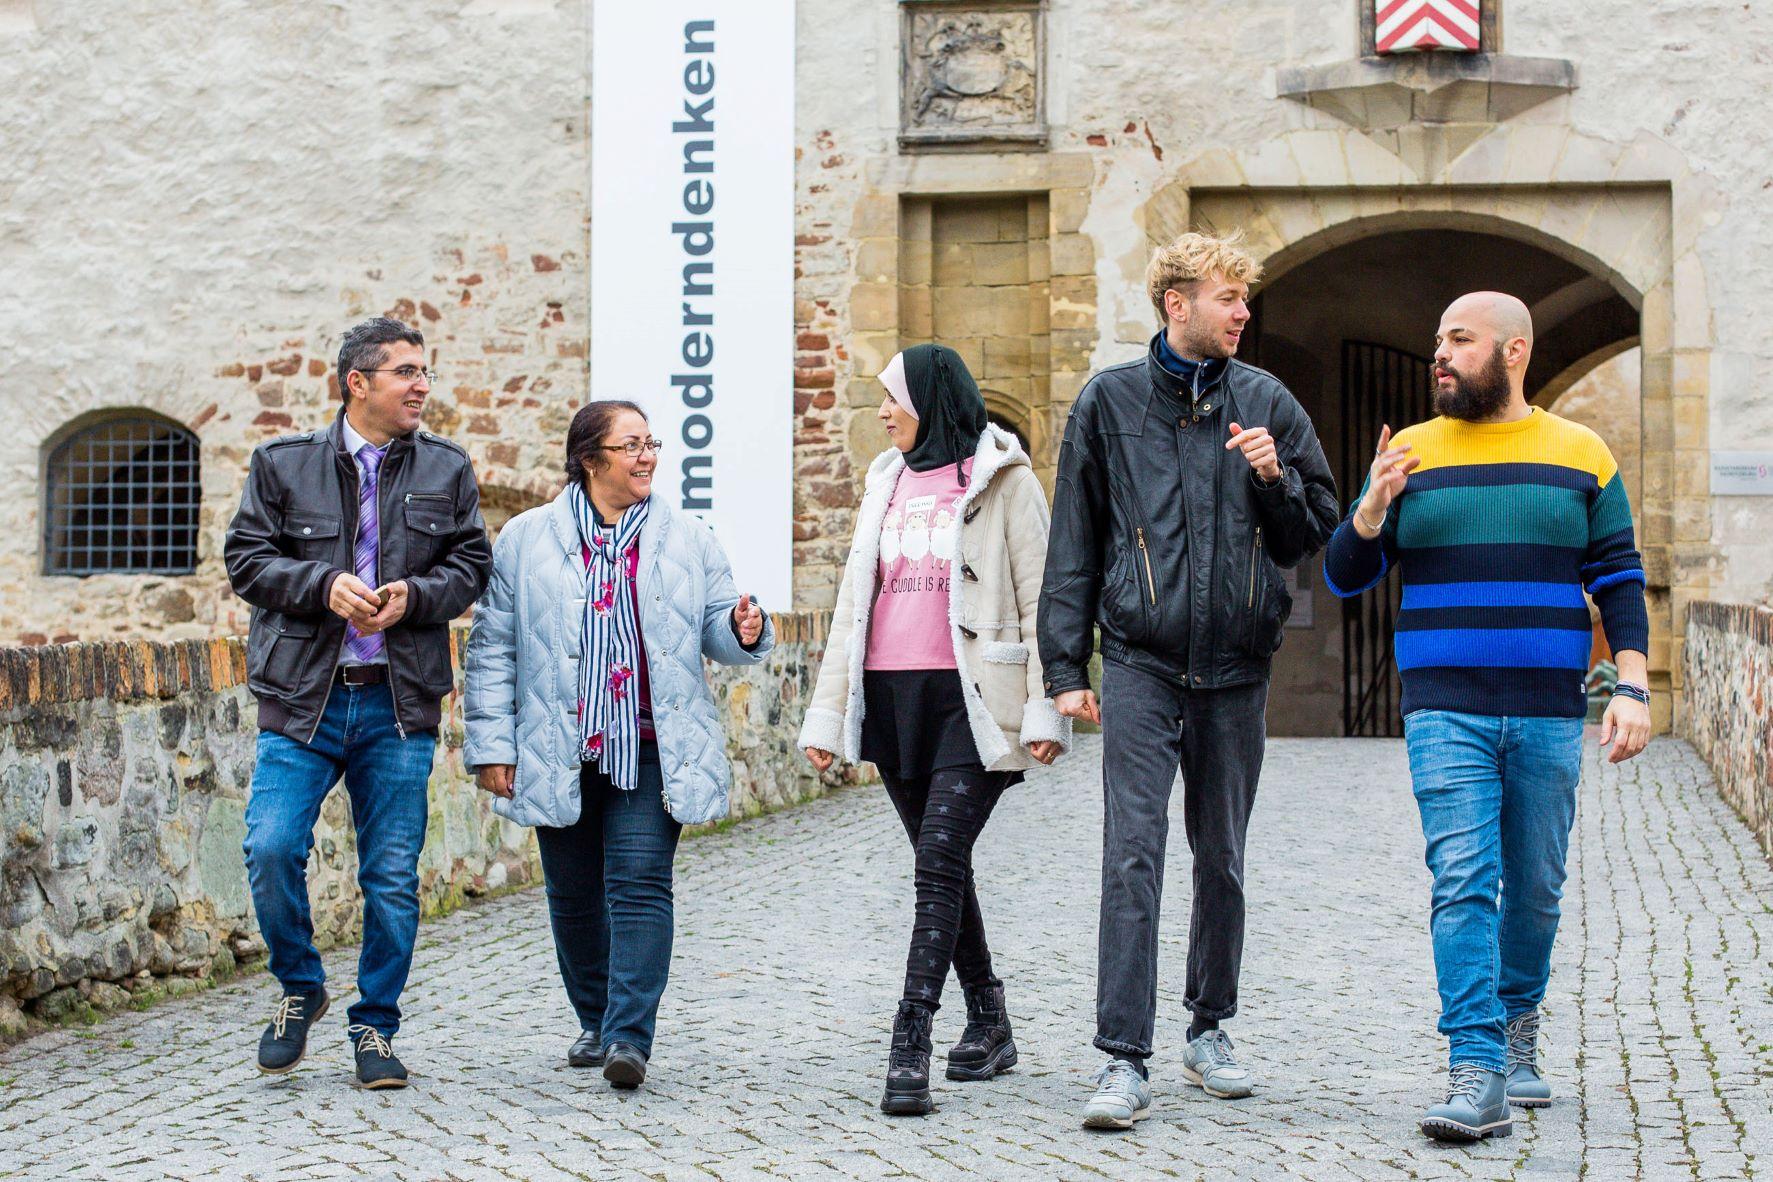 Fünf Personen vor einem Museum